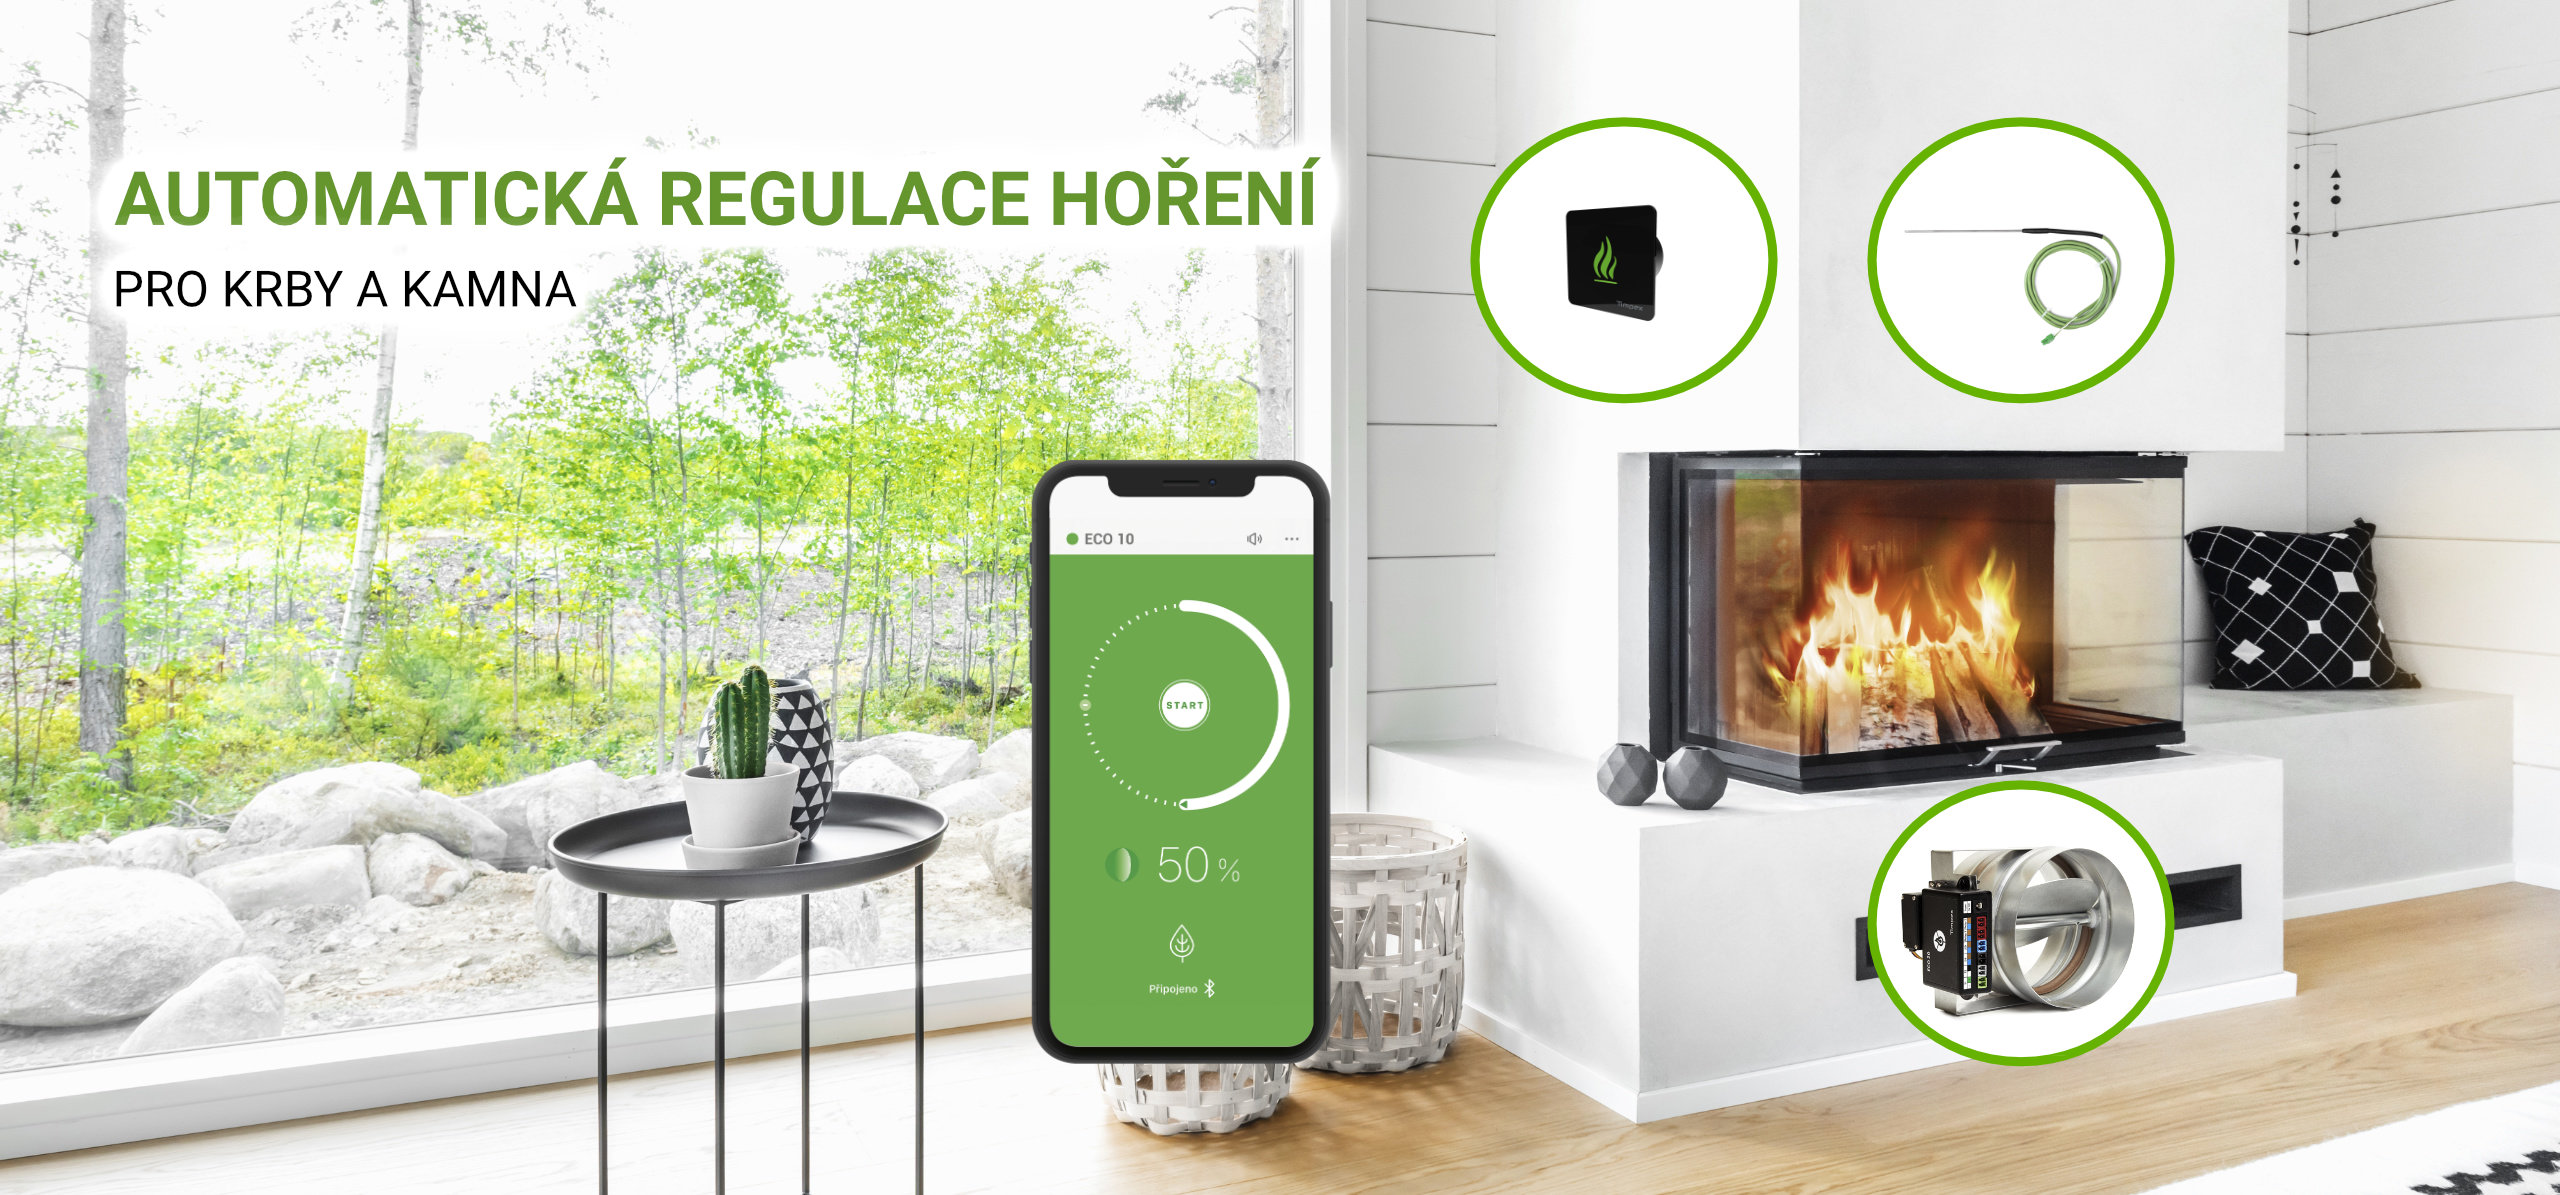 Timpex automatická regulace hoření